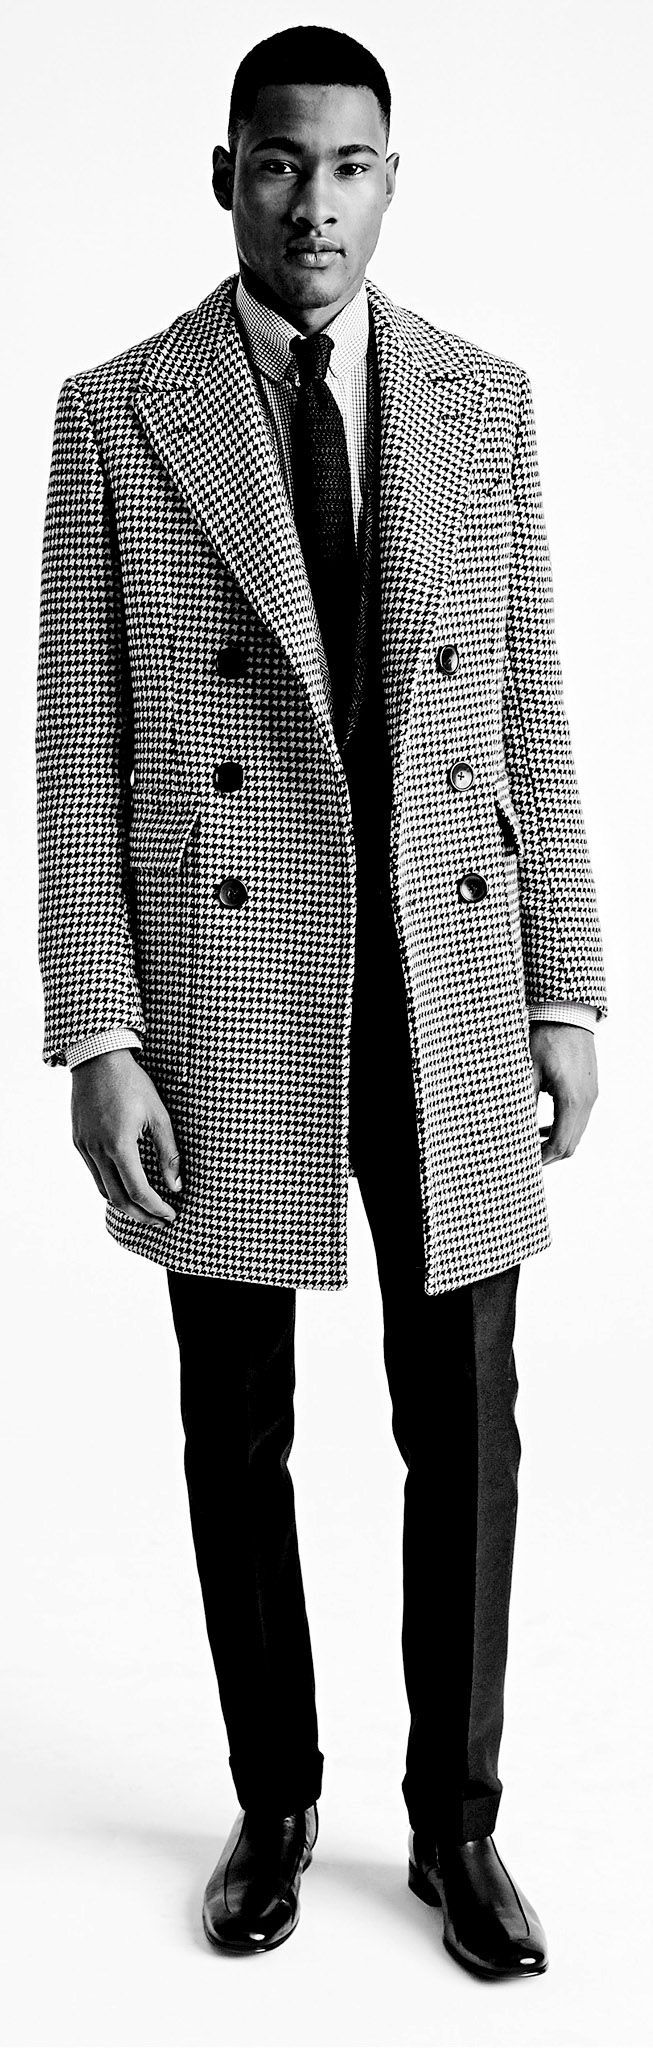 Tom Ford Fall 2015 Menswear   justjune   Cuff Links, Cologne ... 60aafd8798ac